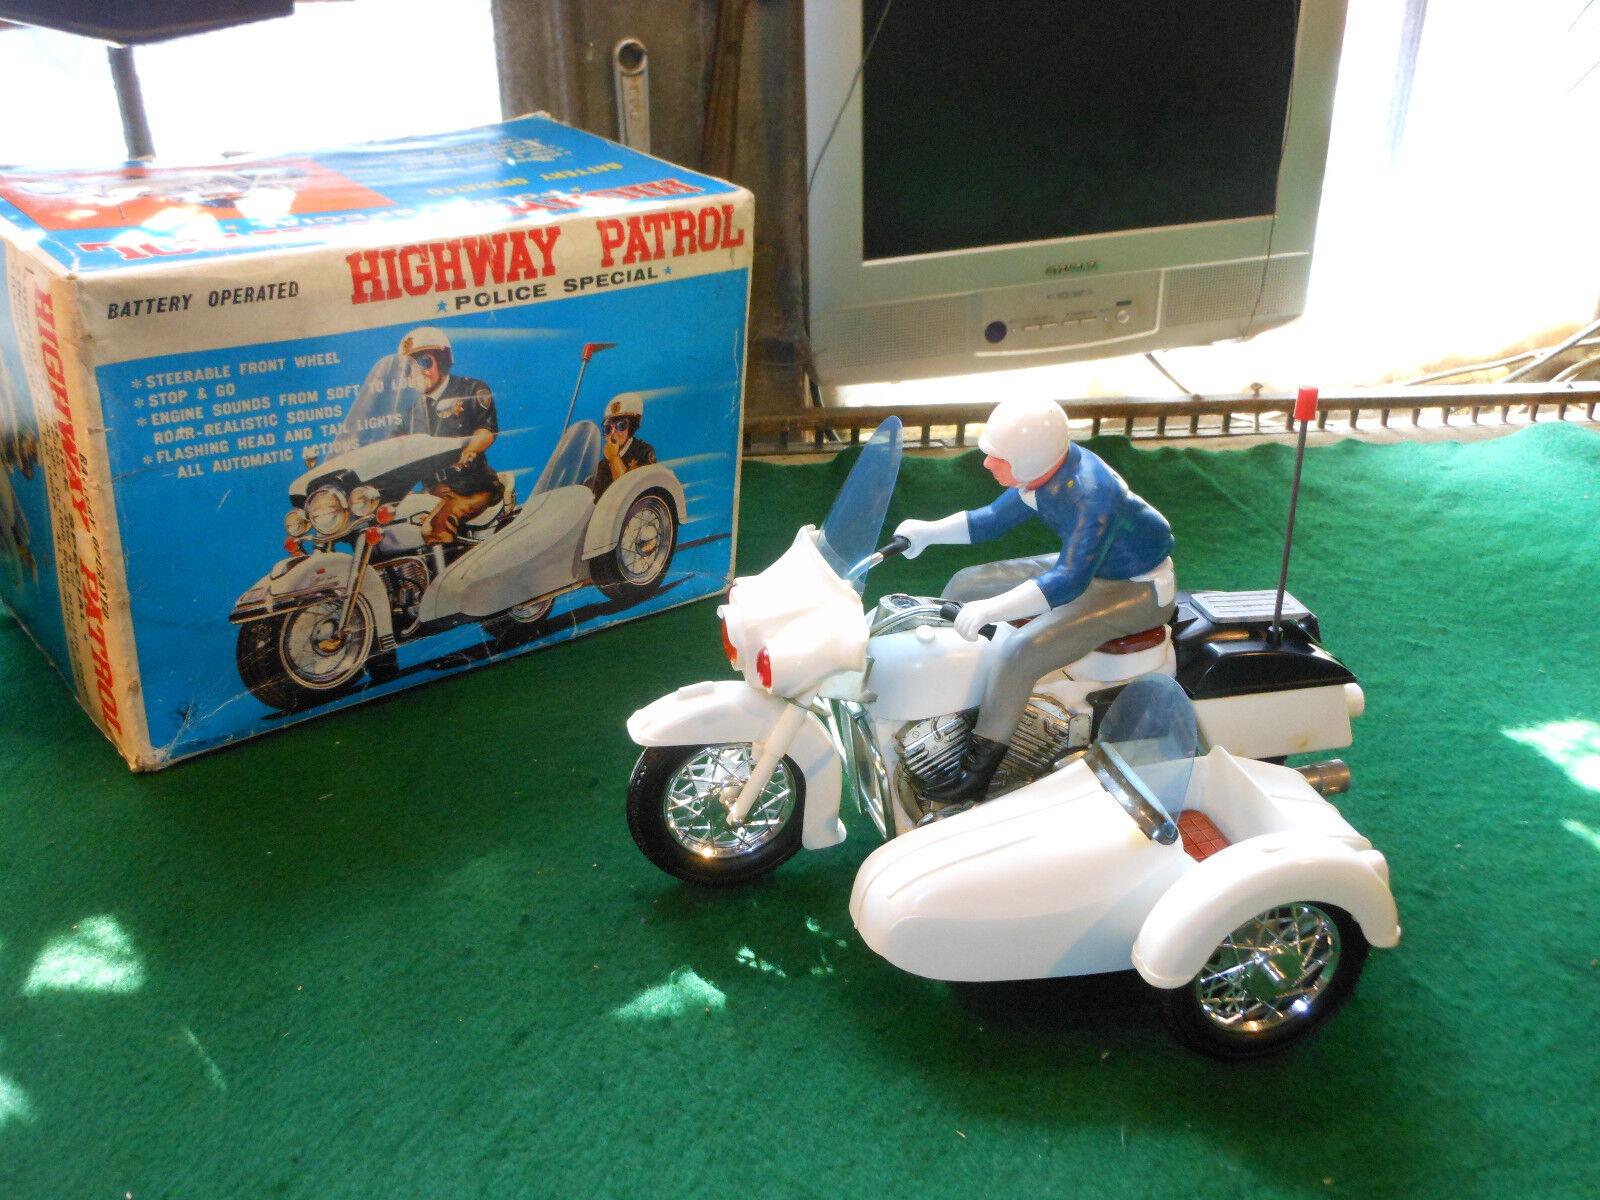 Rare Toy Yonezawa Highway Patrol Police Motorcycle made in Japan Vintage Tin BOX